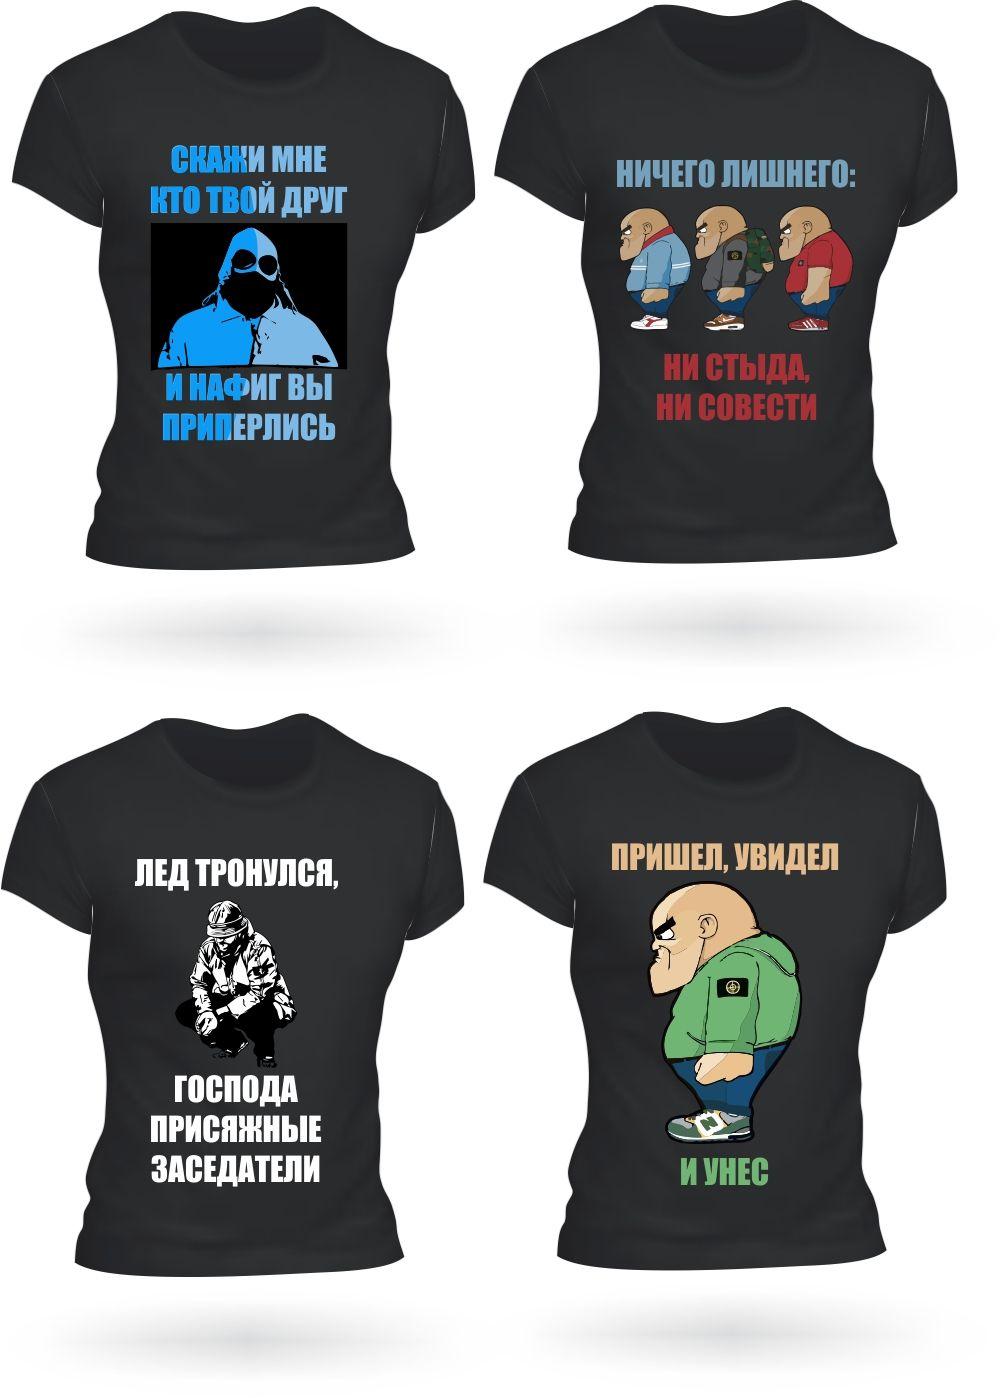 Принт к фразе на мужскую футболку - дизайнер buldozer5000